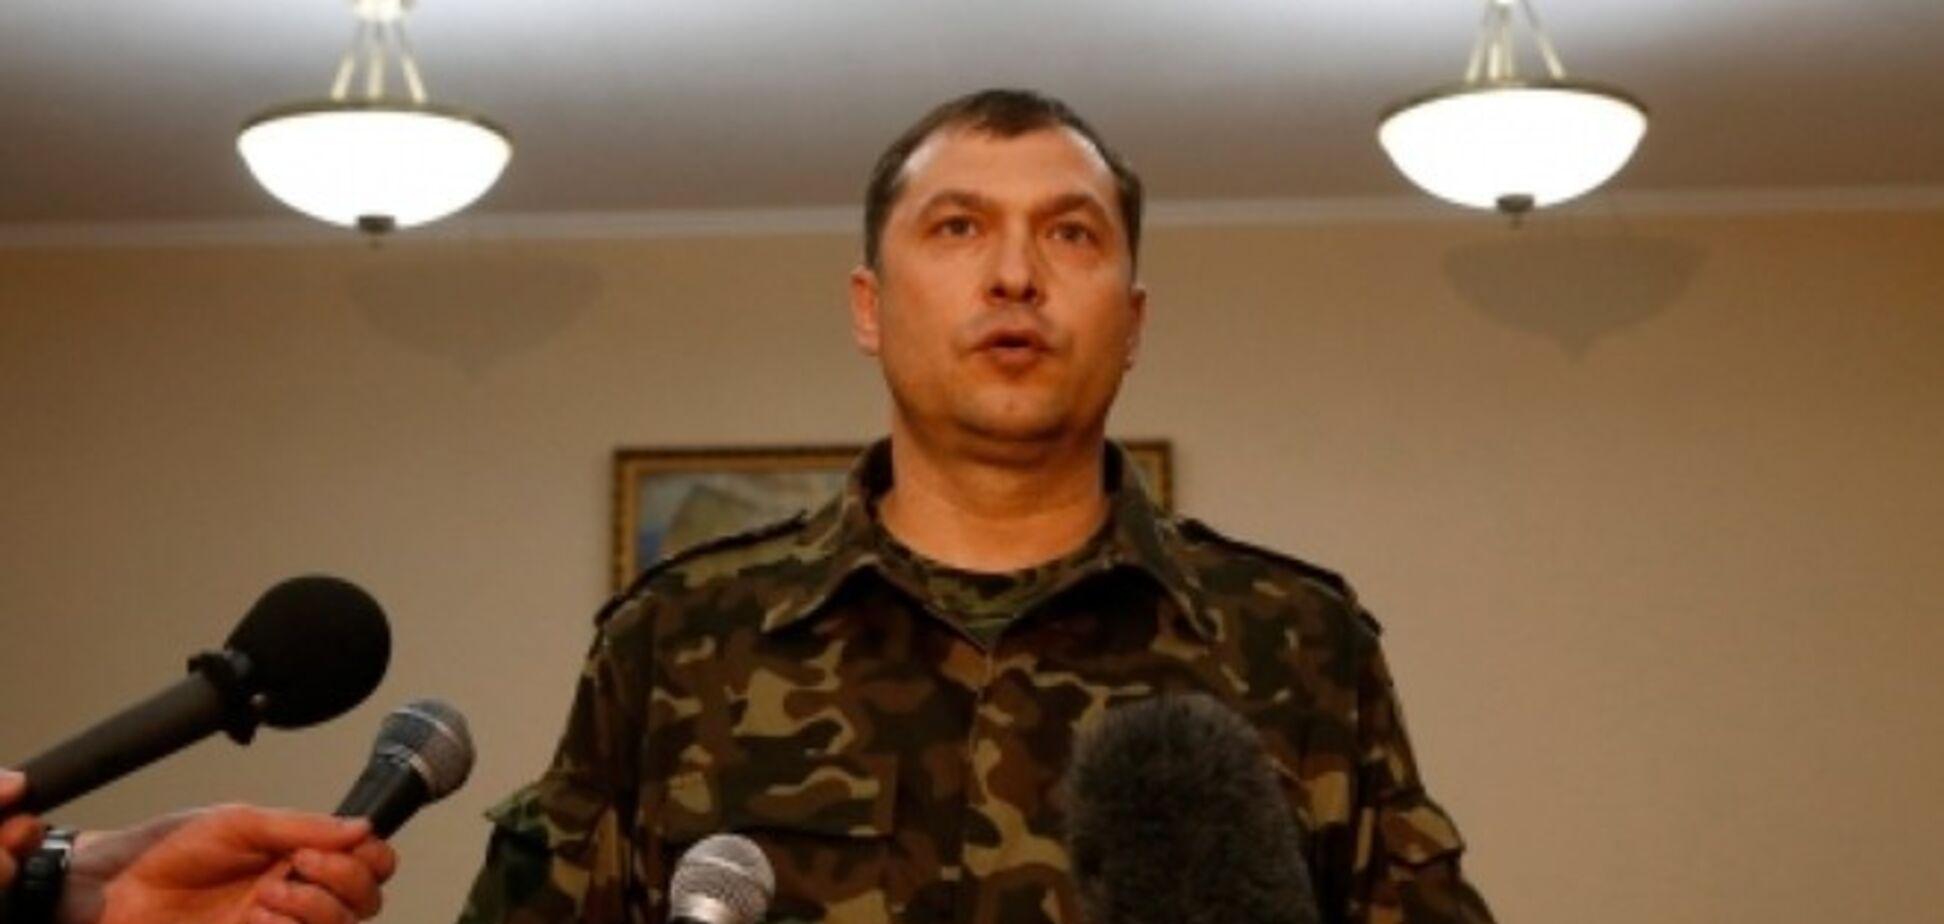 В суете террористы чуть не грохнули самозваного 'народного губернатора' Луганска - Тымчук